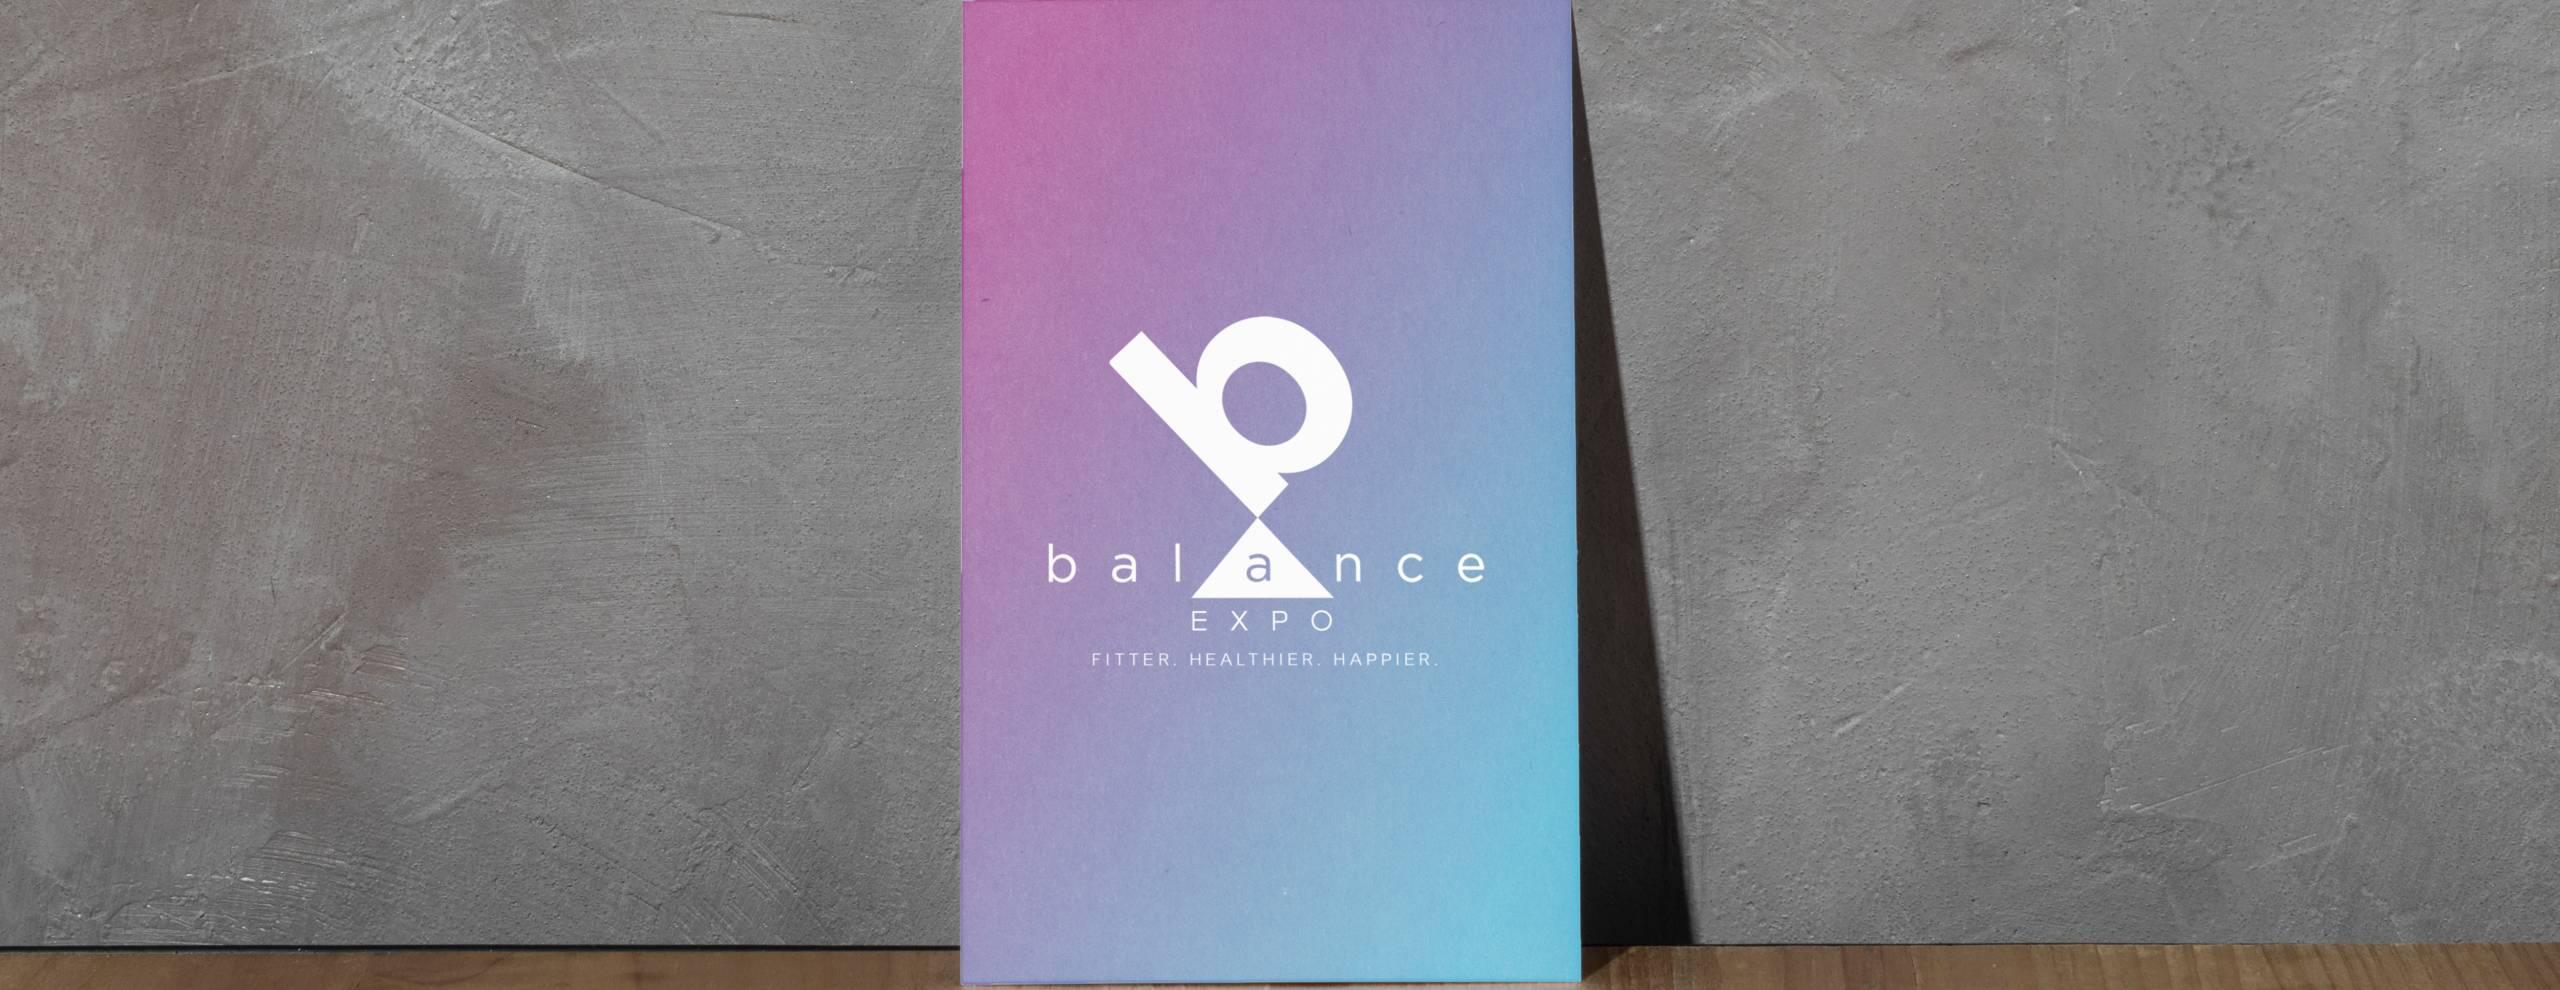 balance-5-scaled-1